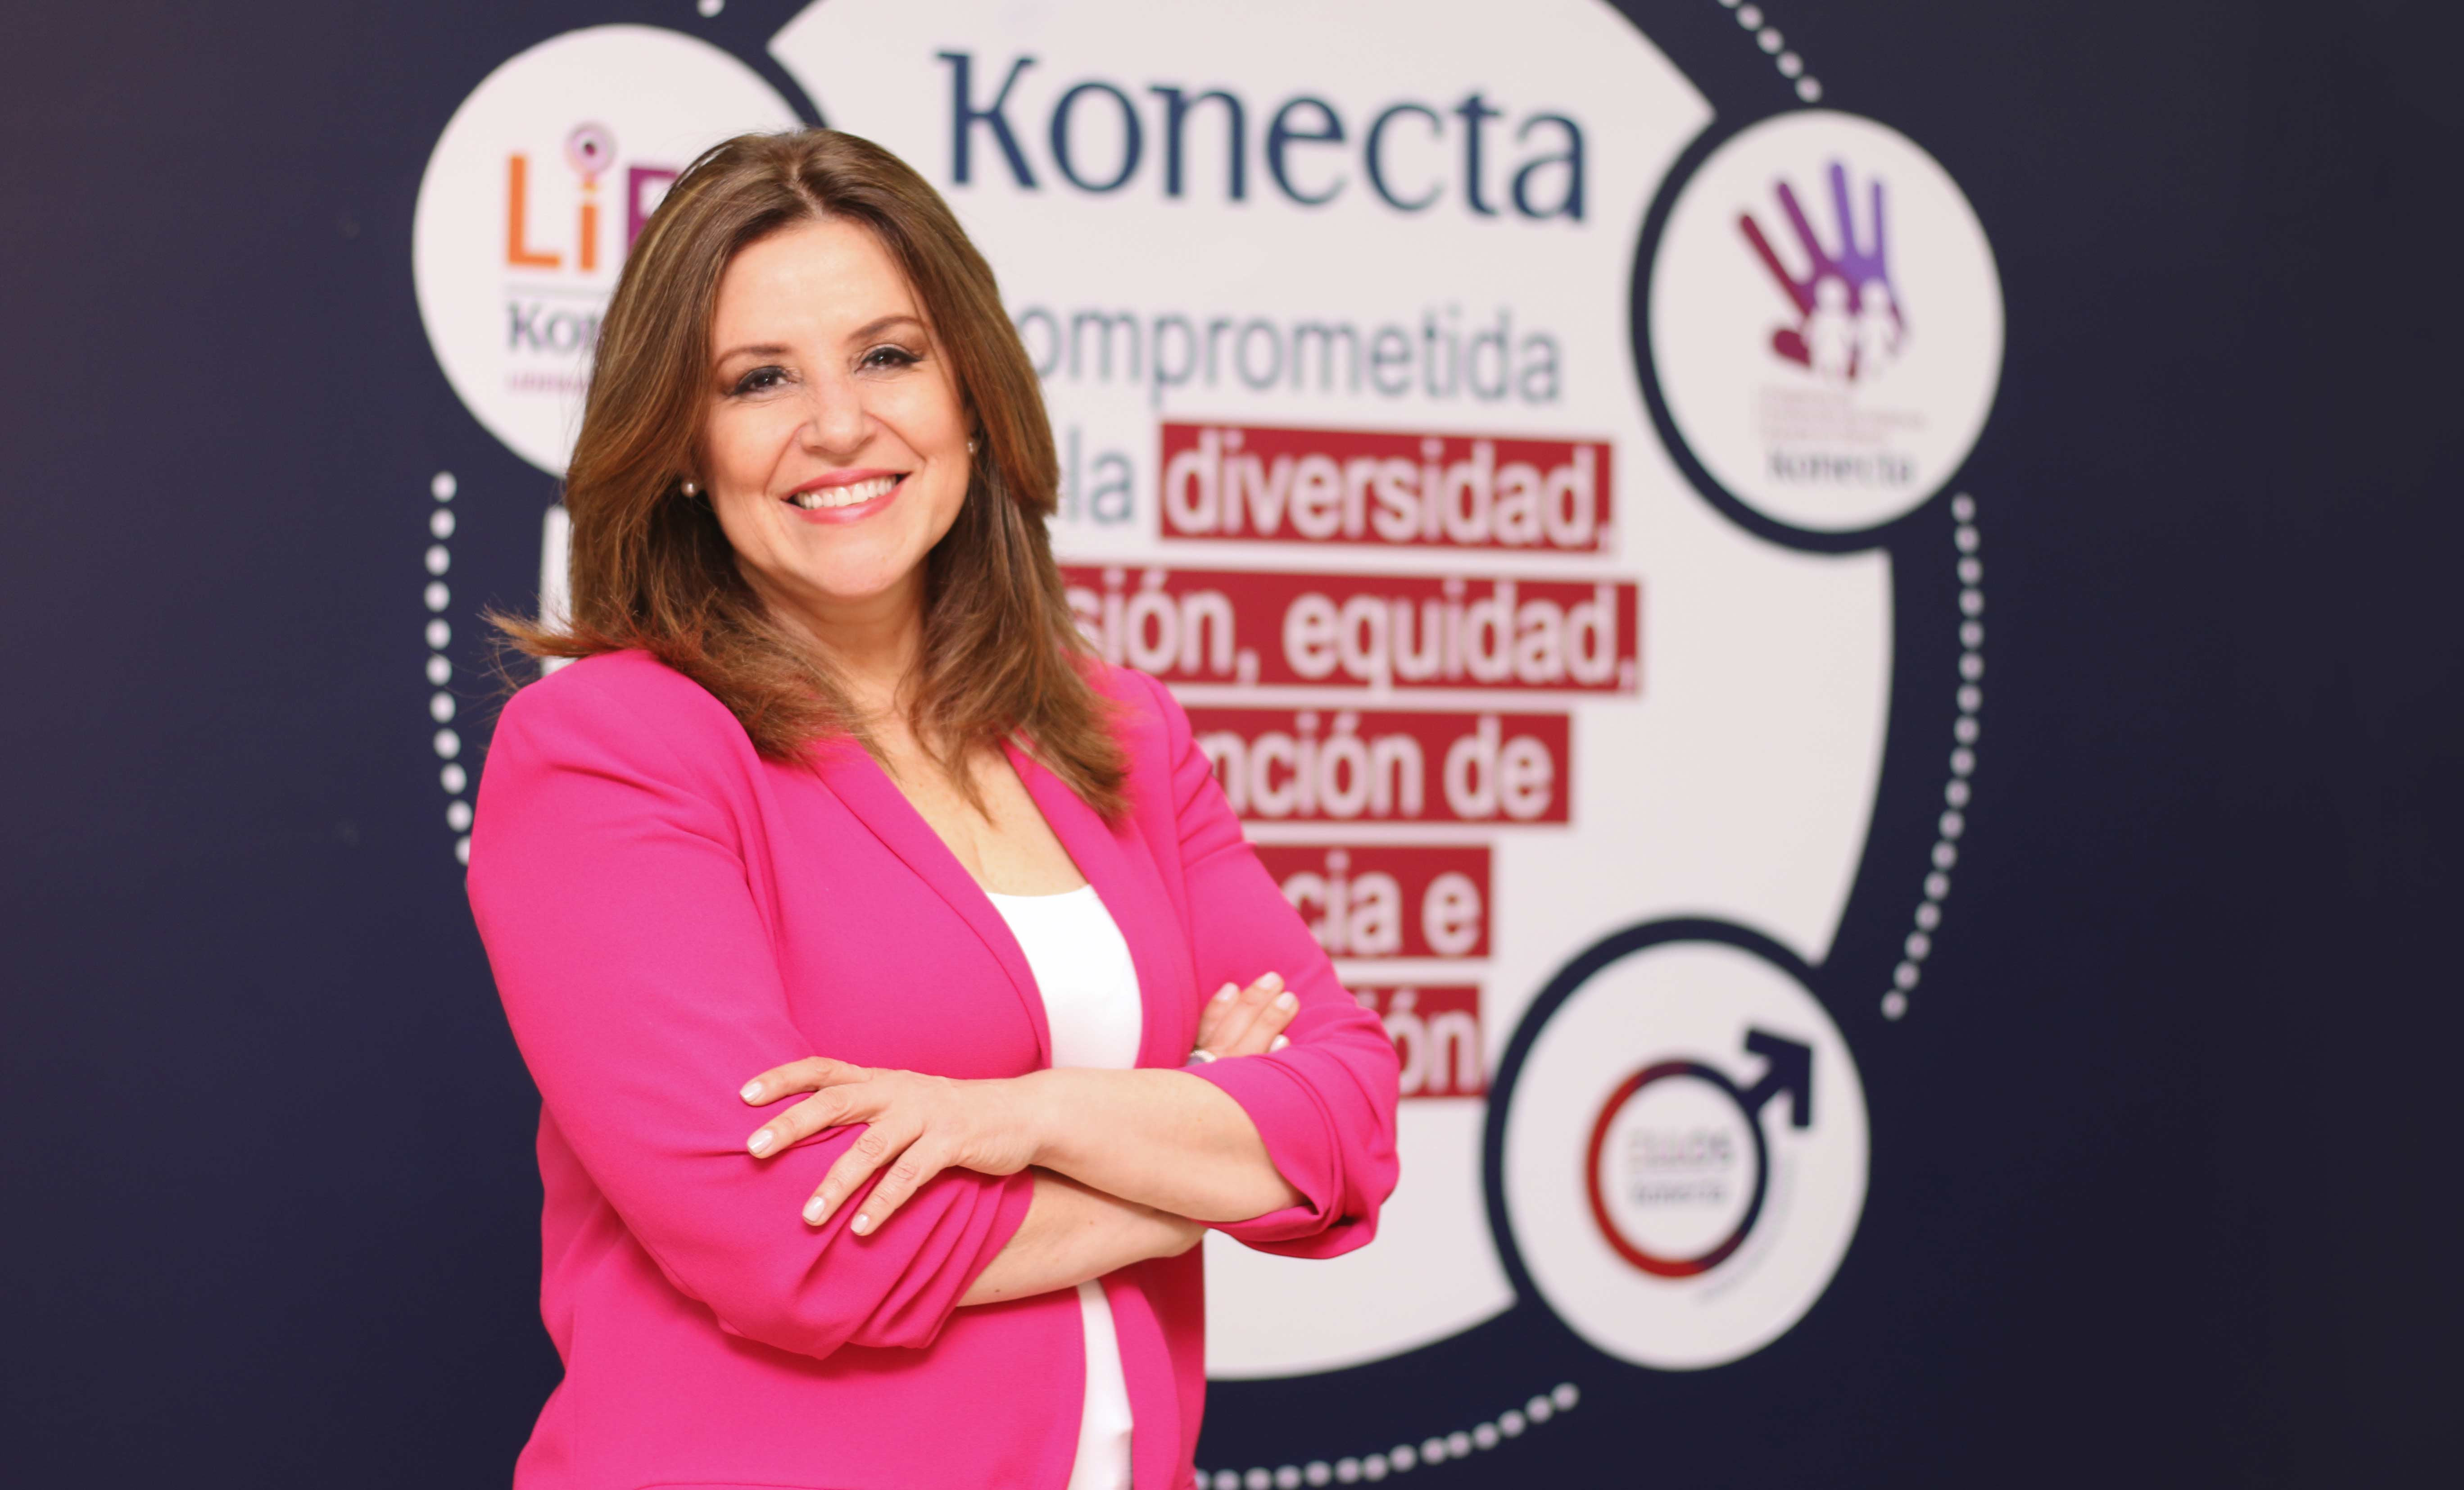 """Konecta Perú sobre crisis por Covid-19: """"Nuestros servicios eran esenciales, nos basamos en lo que salió en la ley"""""""